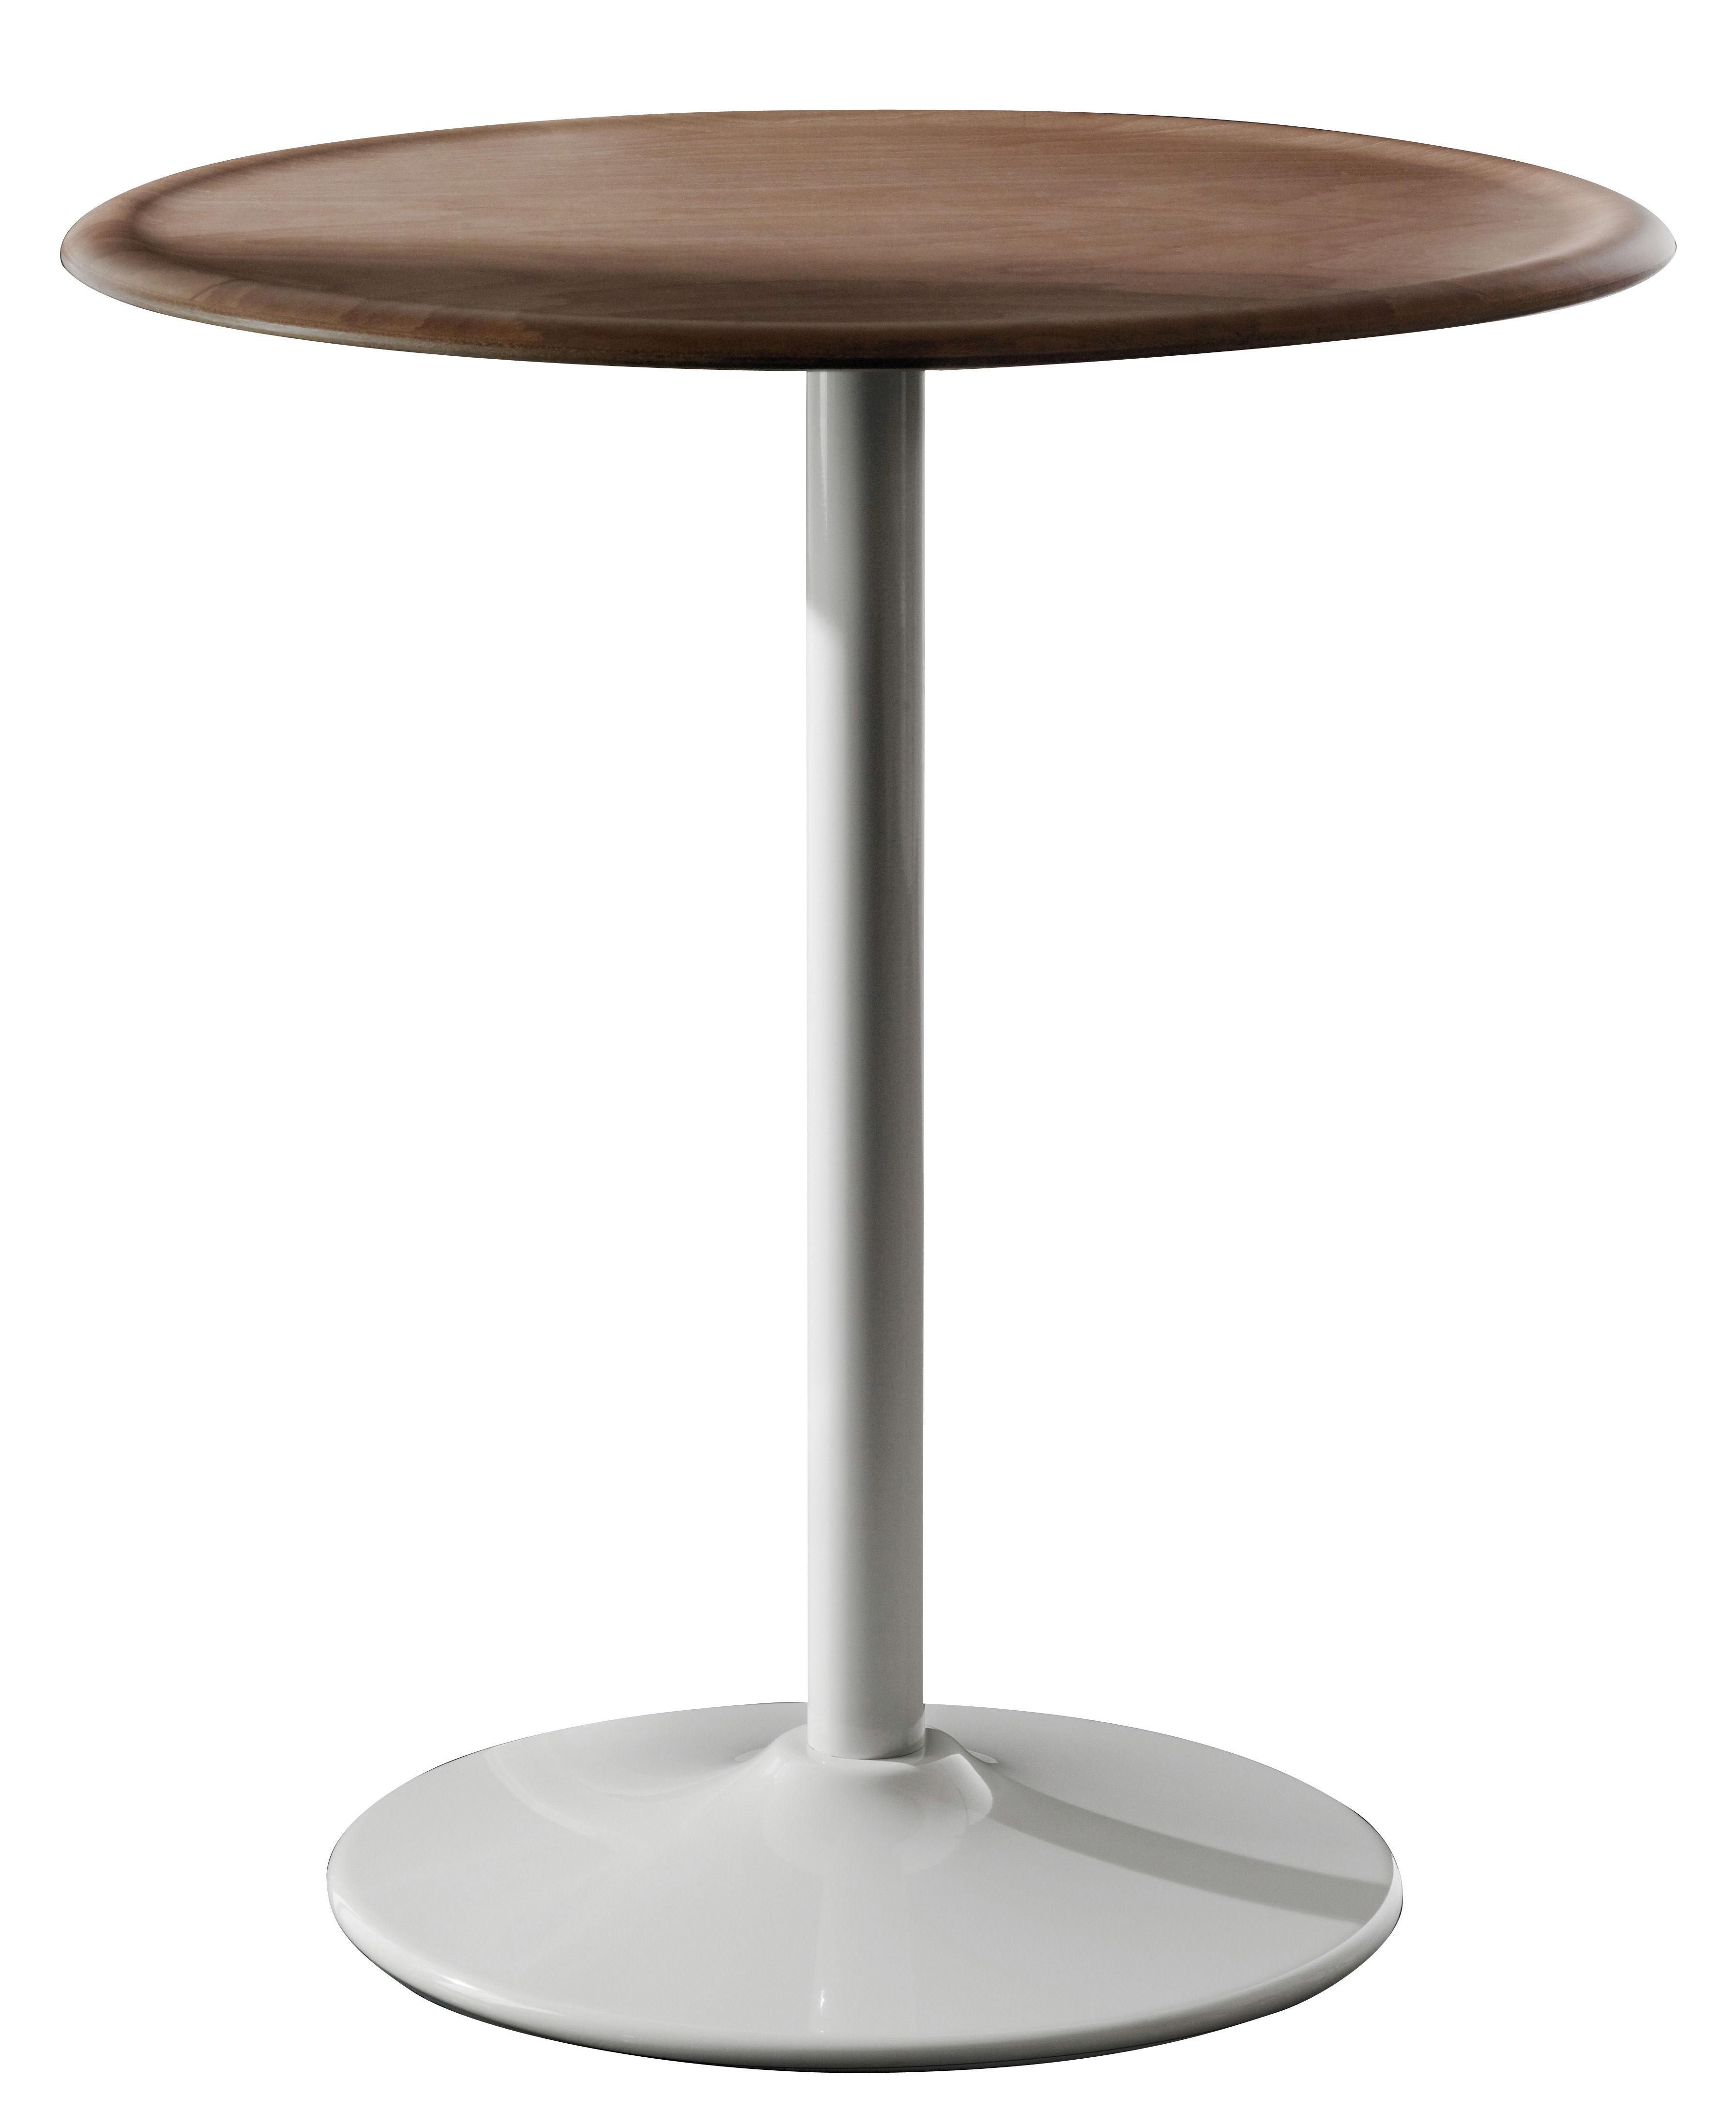 Outdoor - Tables de jardin - Table ronde Pipe / Ø 66 cm - Magis - Blanc / Hêtre naturel - Acier, Multiplis de hêtre